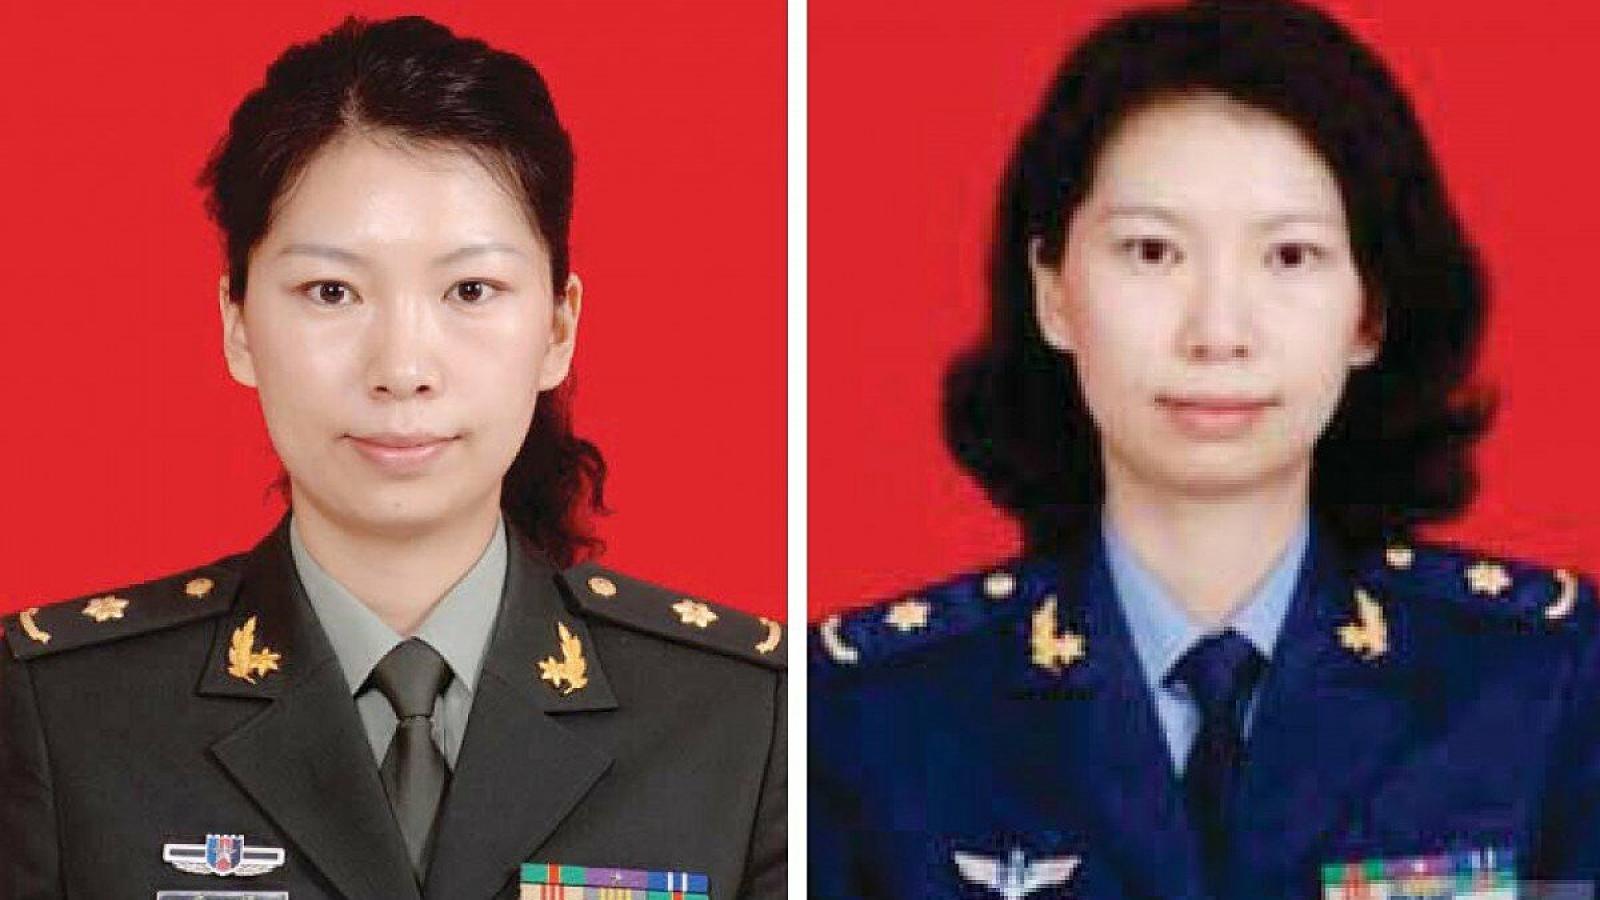 Nhà khoa học Trung Quốc trốn trong Lãnh sự quán ở Mỹ bị từ chối bảo lãnh